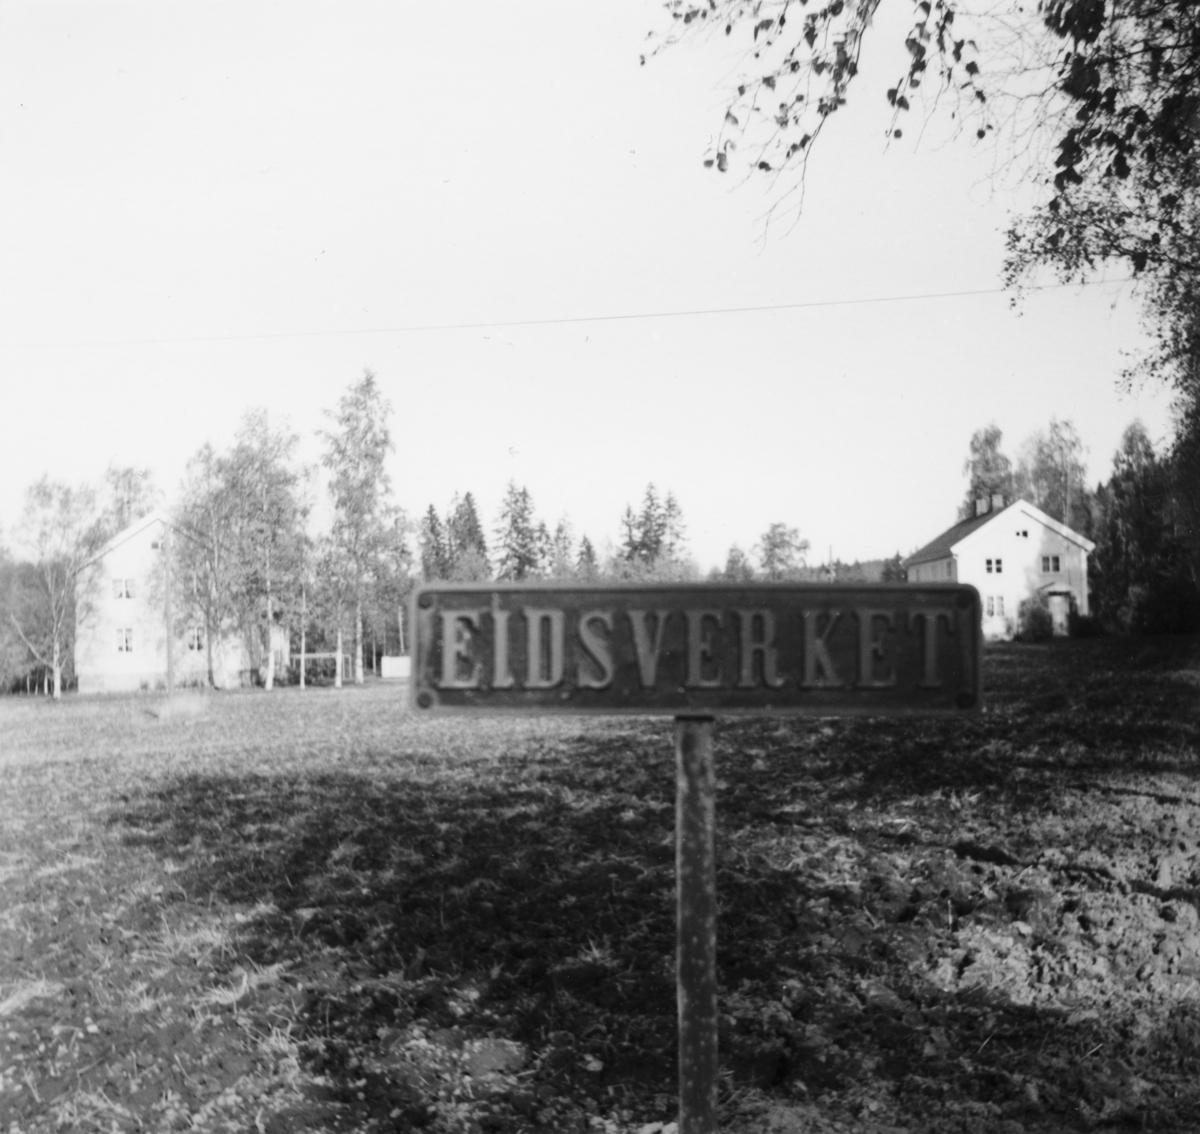 Navneskiltet til lok 2 Eidsverket sto lenge ved innkjørselen til Eidsverket på Bjørkelangen. Senere overtatt av museumsbanen.